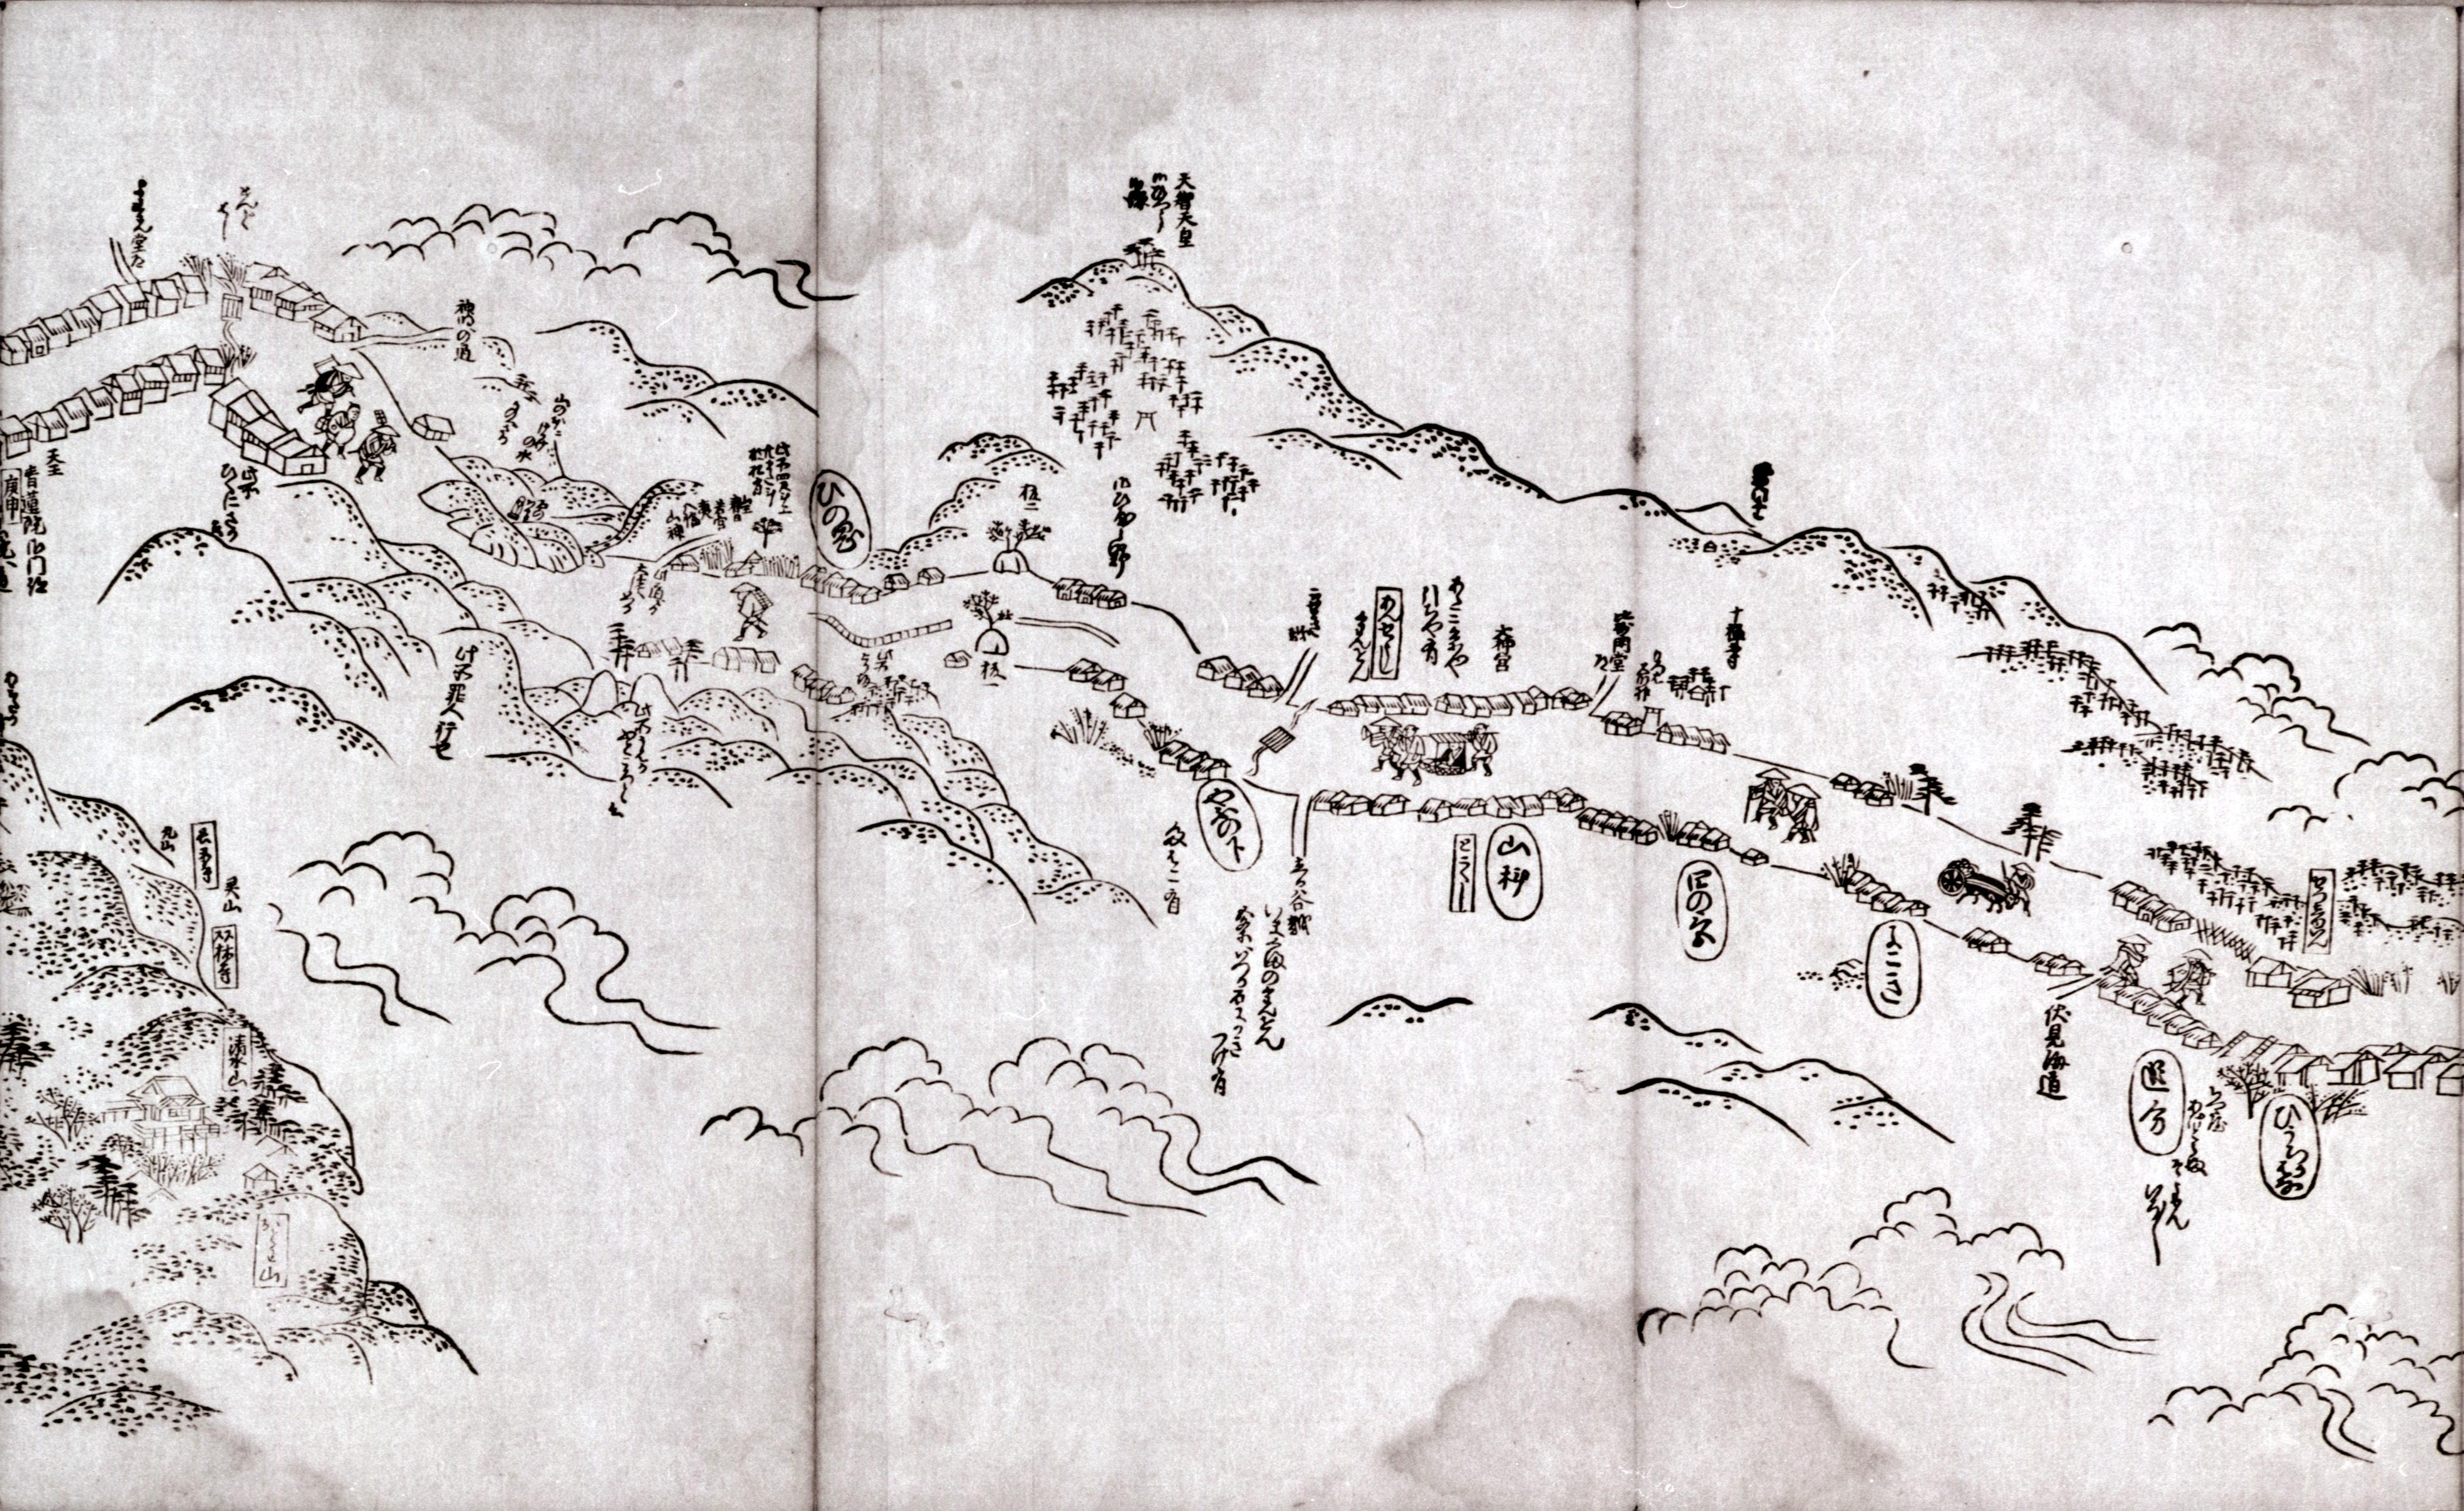 東海道分間之図 八十